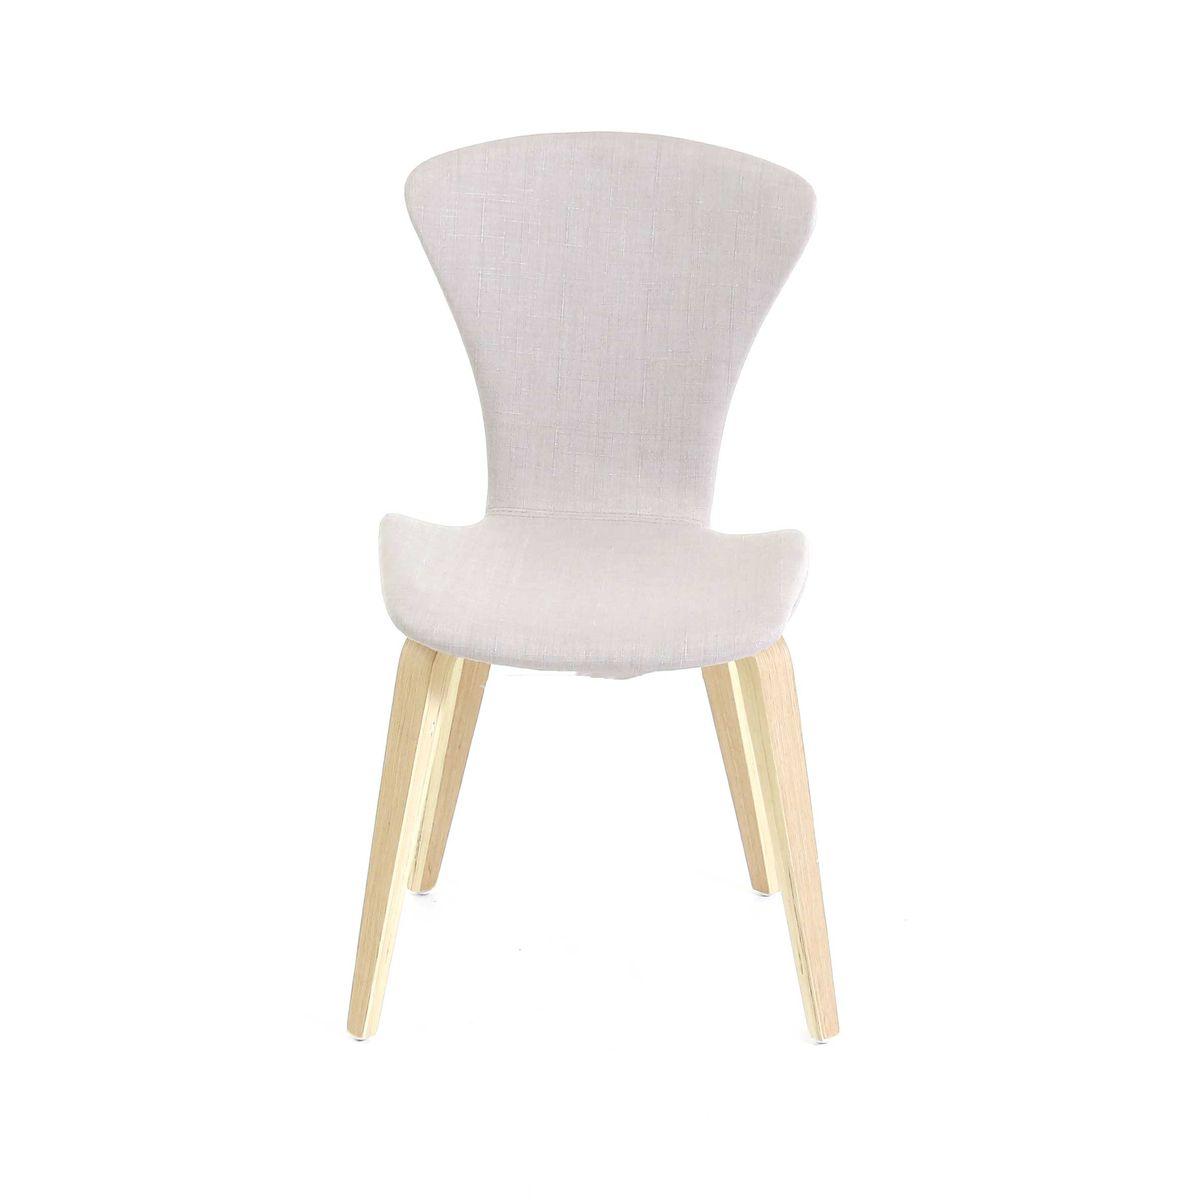 Chaise tissu pieds chêne